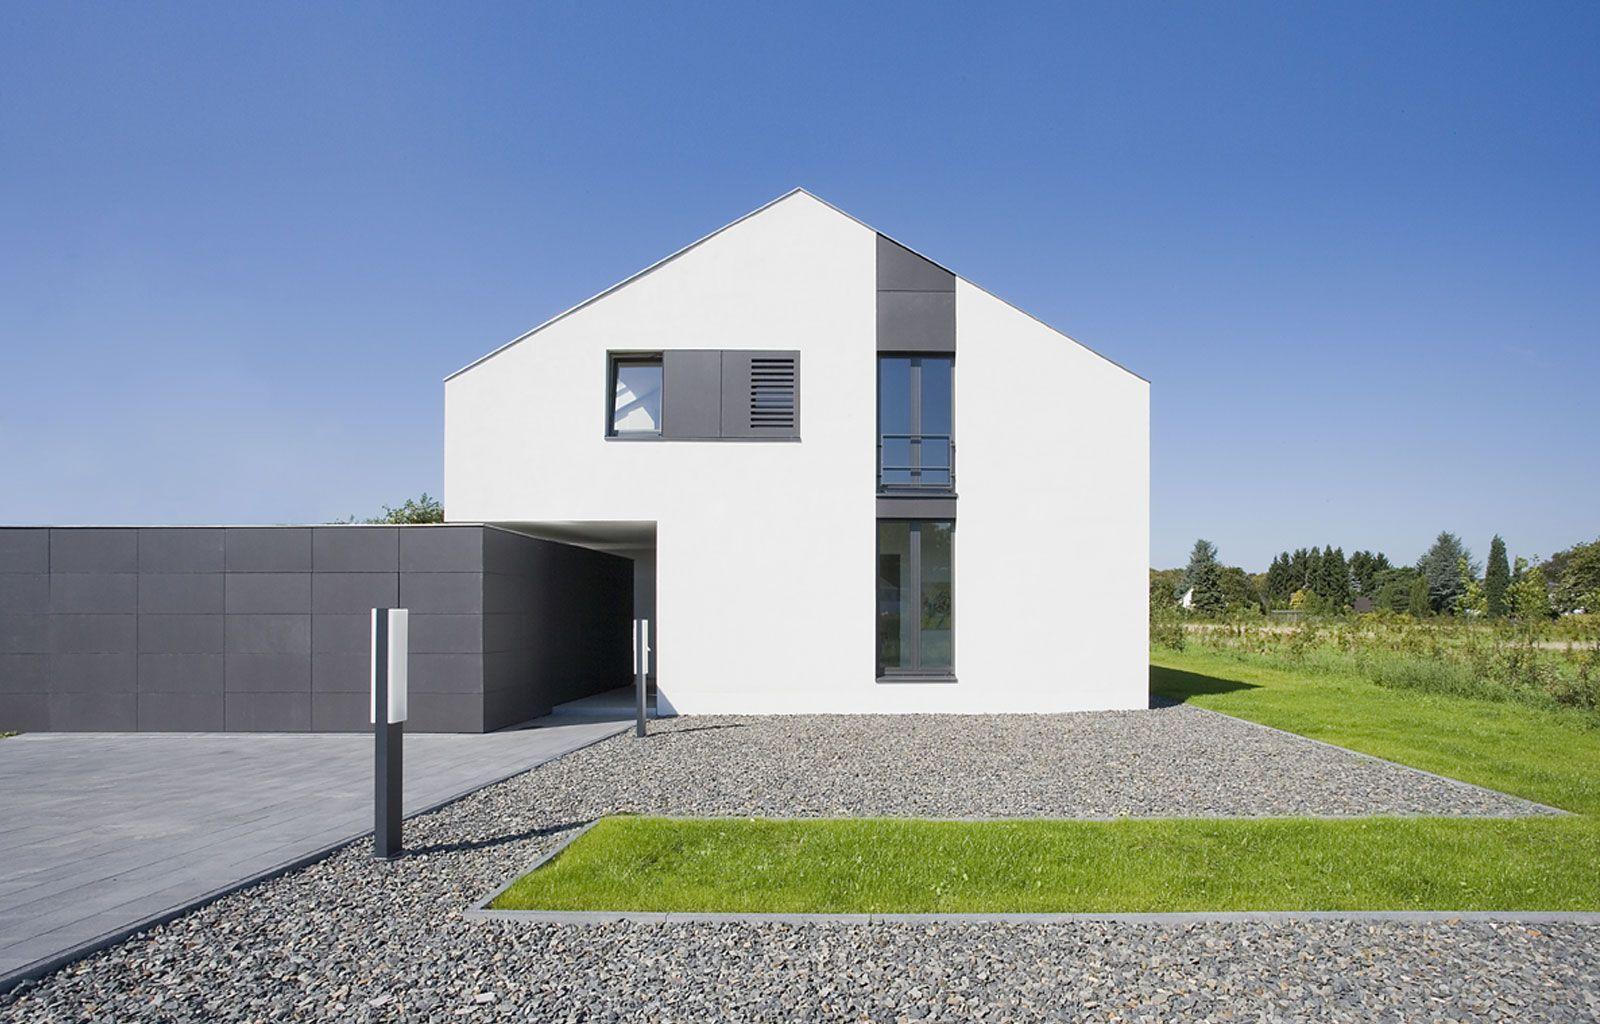 Architekt Bergisch Gladbach das einfamilienhaus steht in bergisch gladbach am rande eines